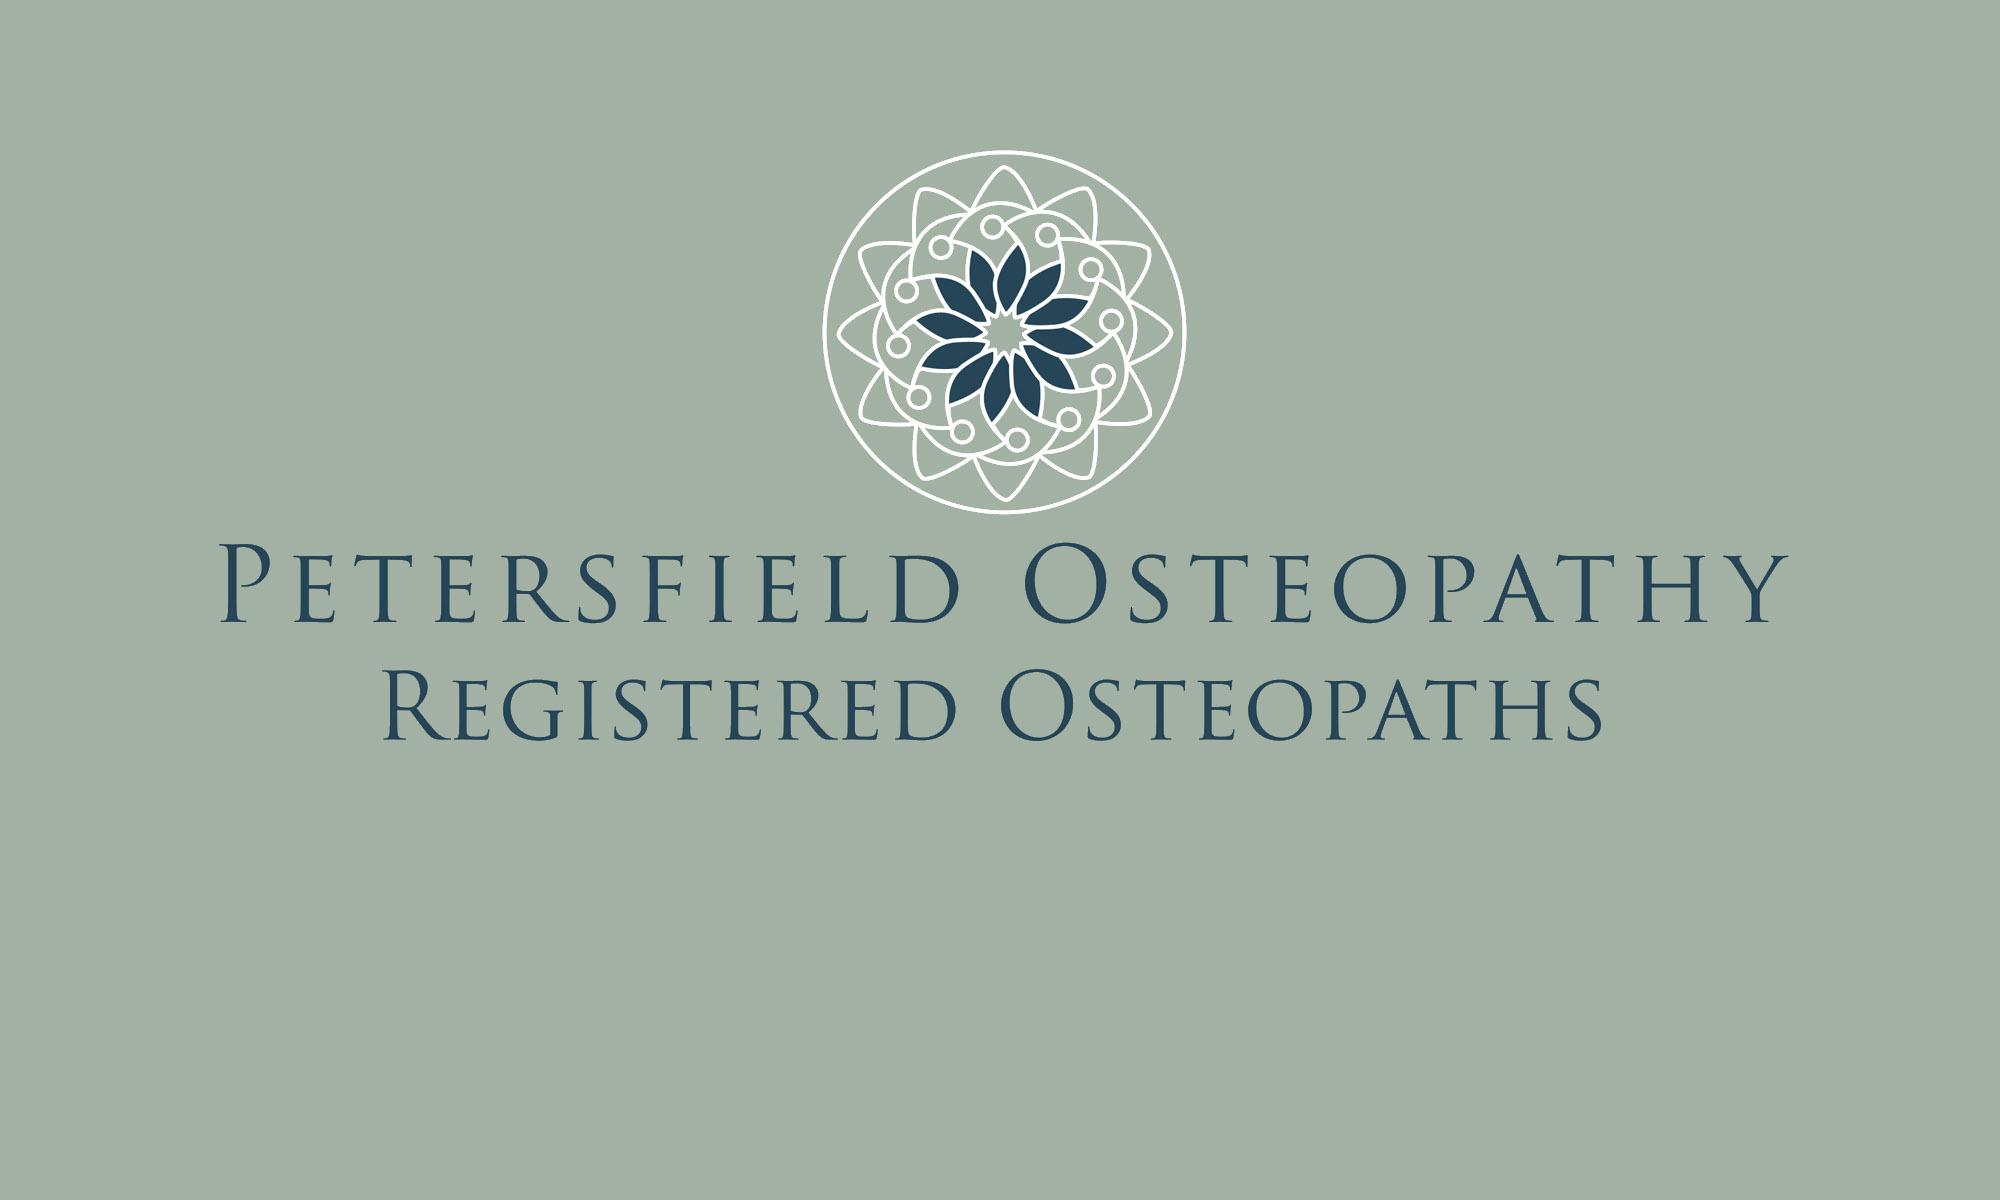 Petersfield Osteopathy